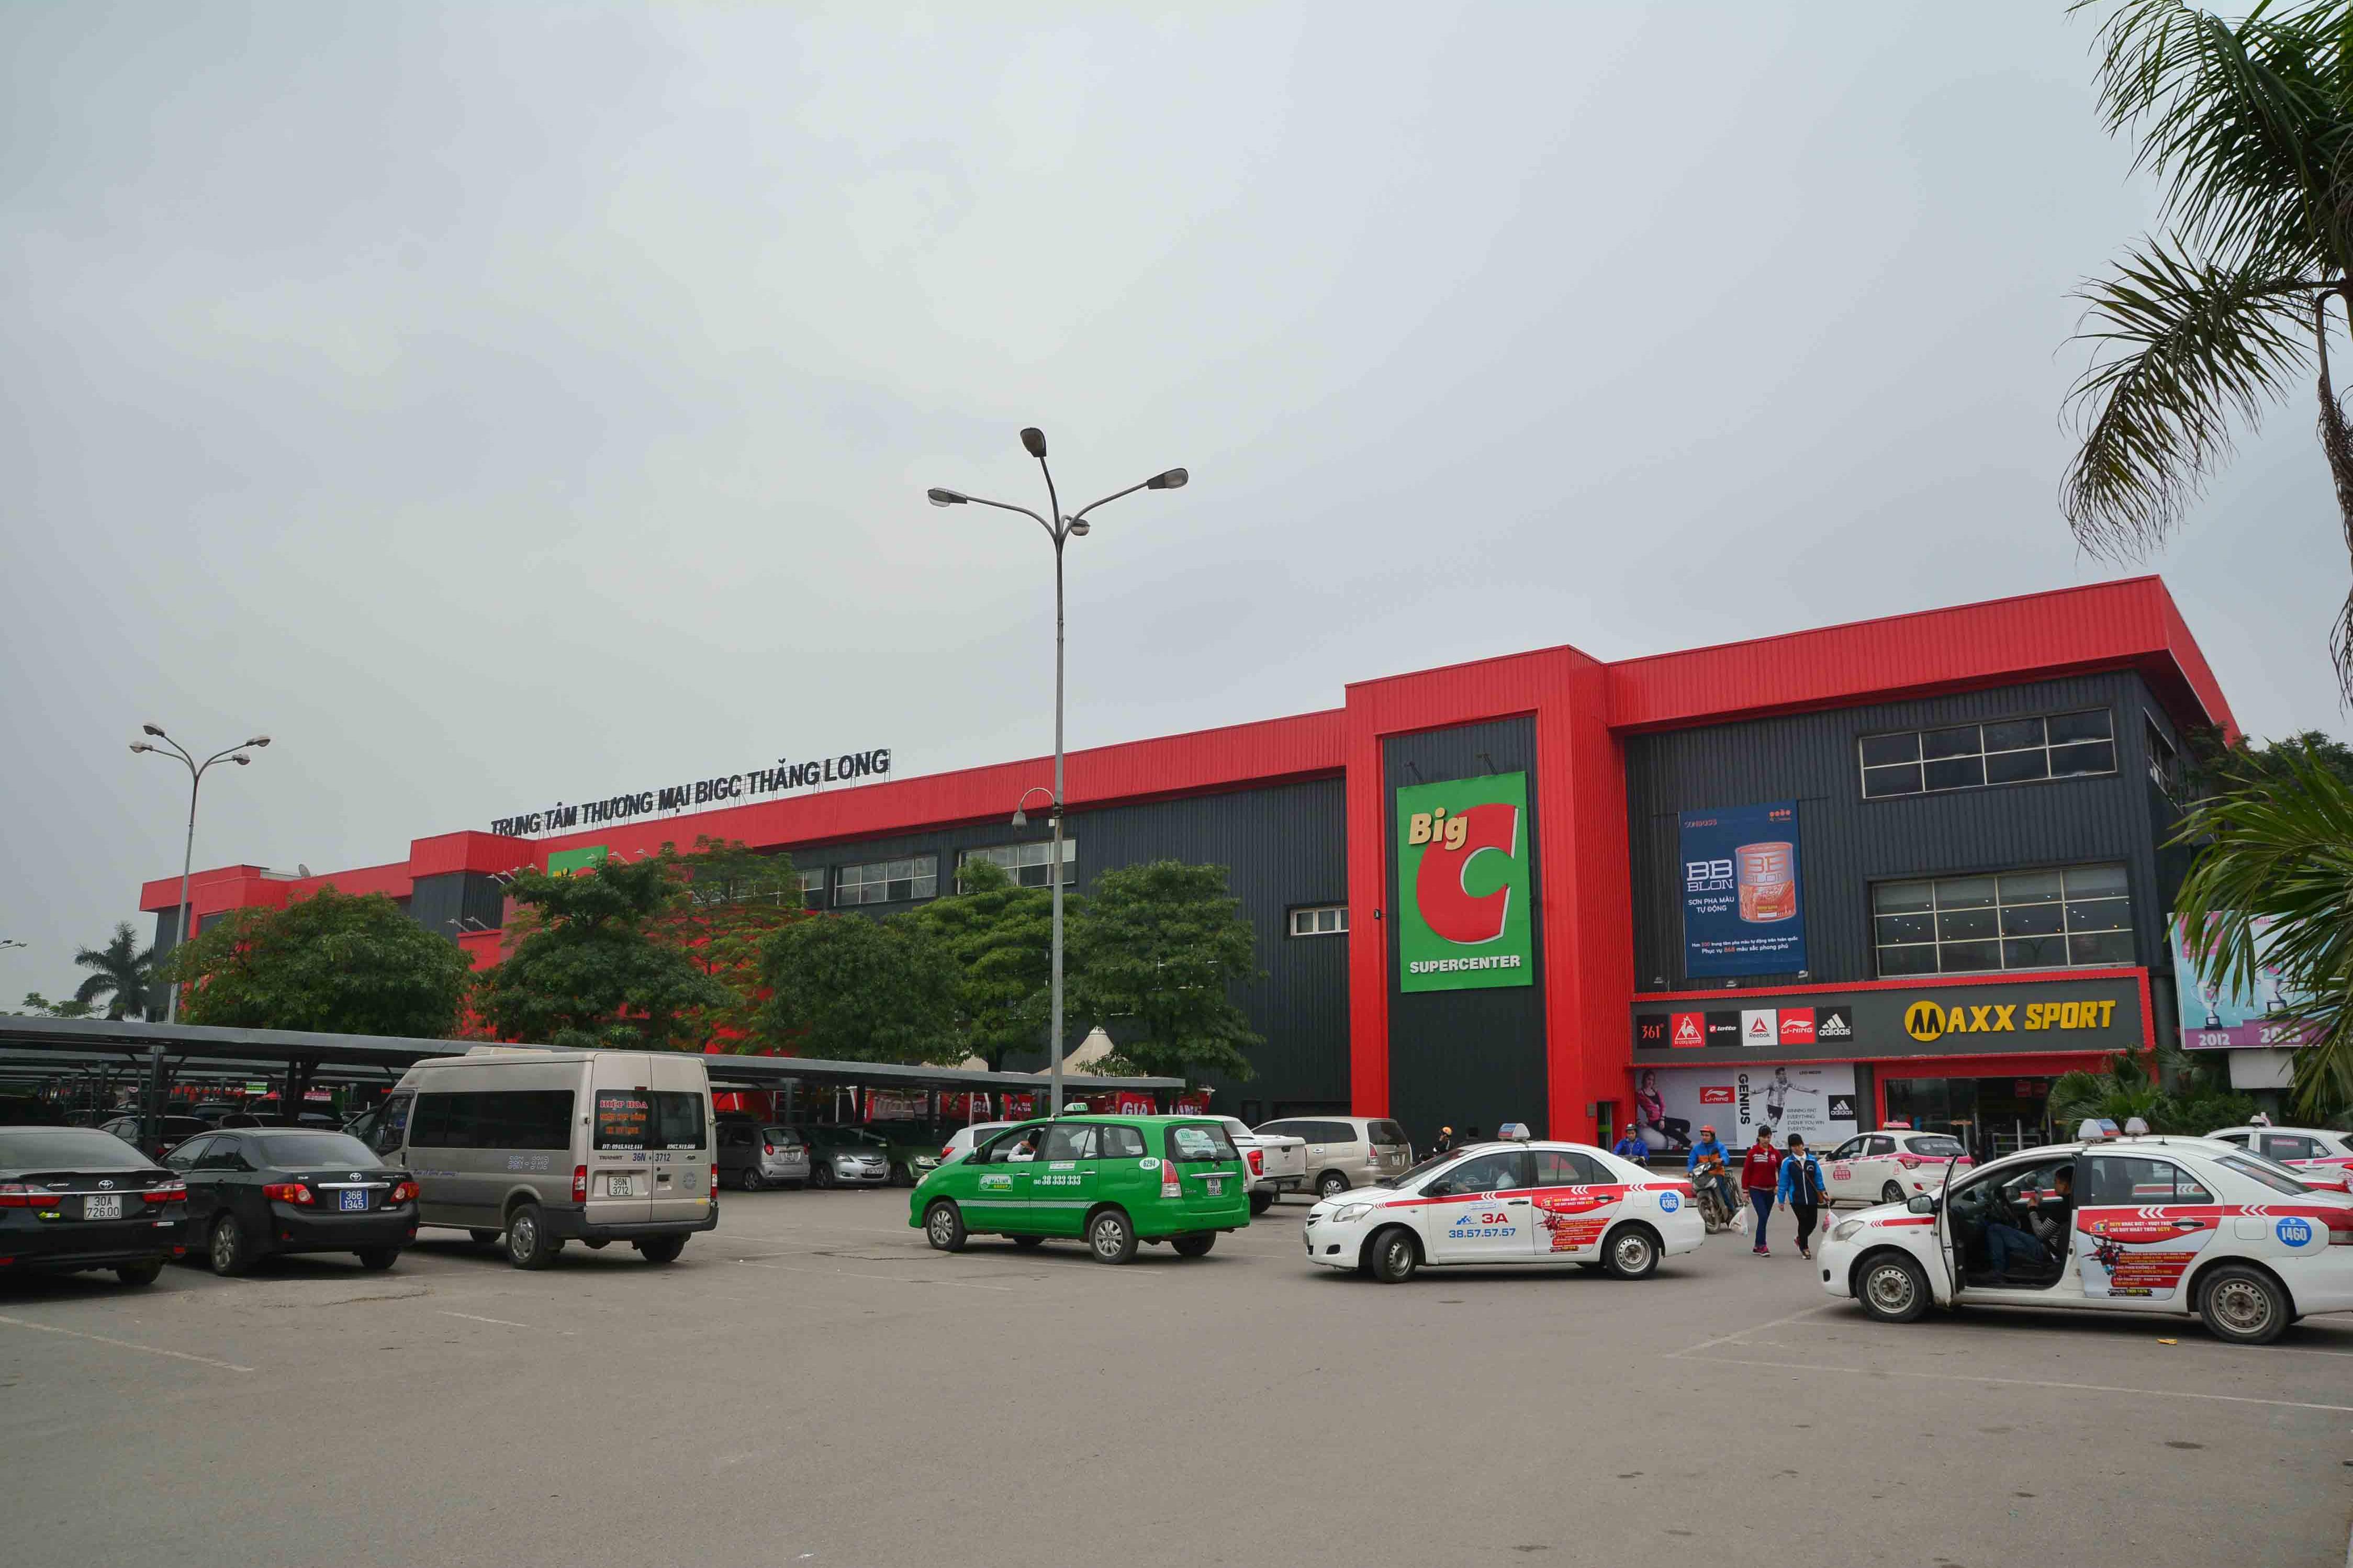 Tuyển nhân viên bảo vệ – Làm tại siêu thị Big C Thăng Long